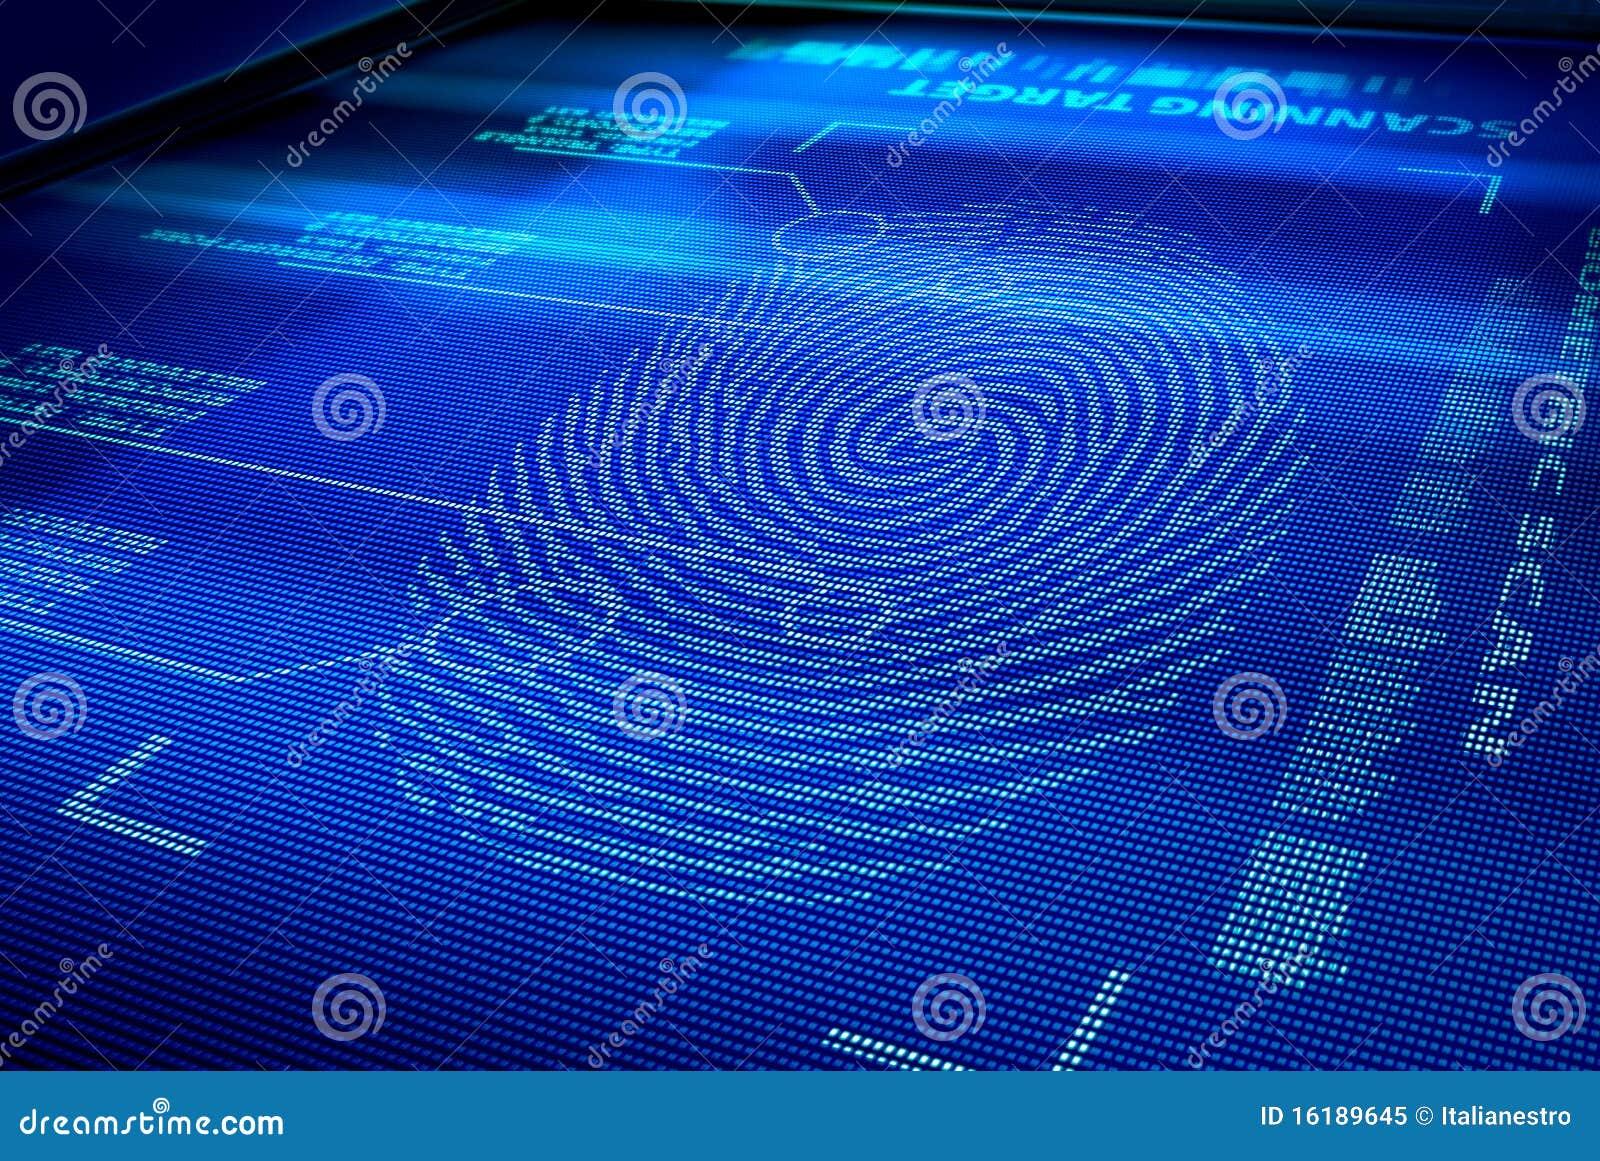 Interfaz del sistema de identificación